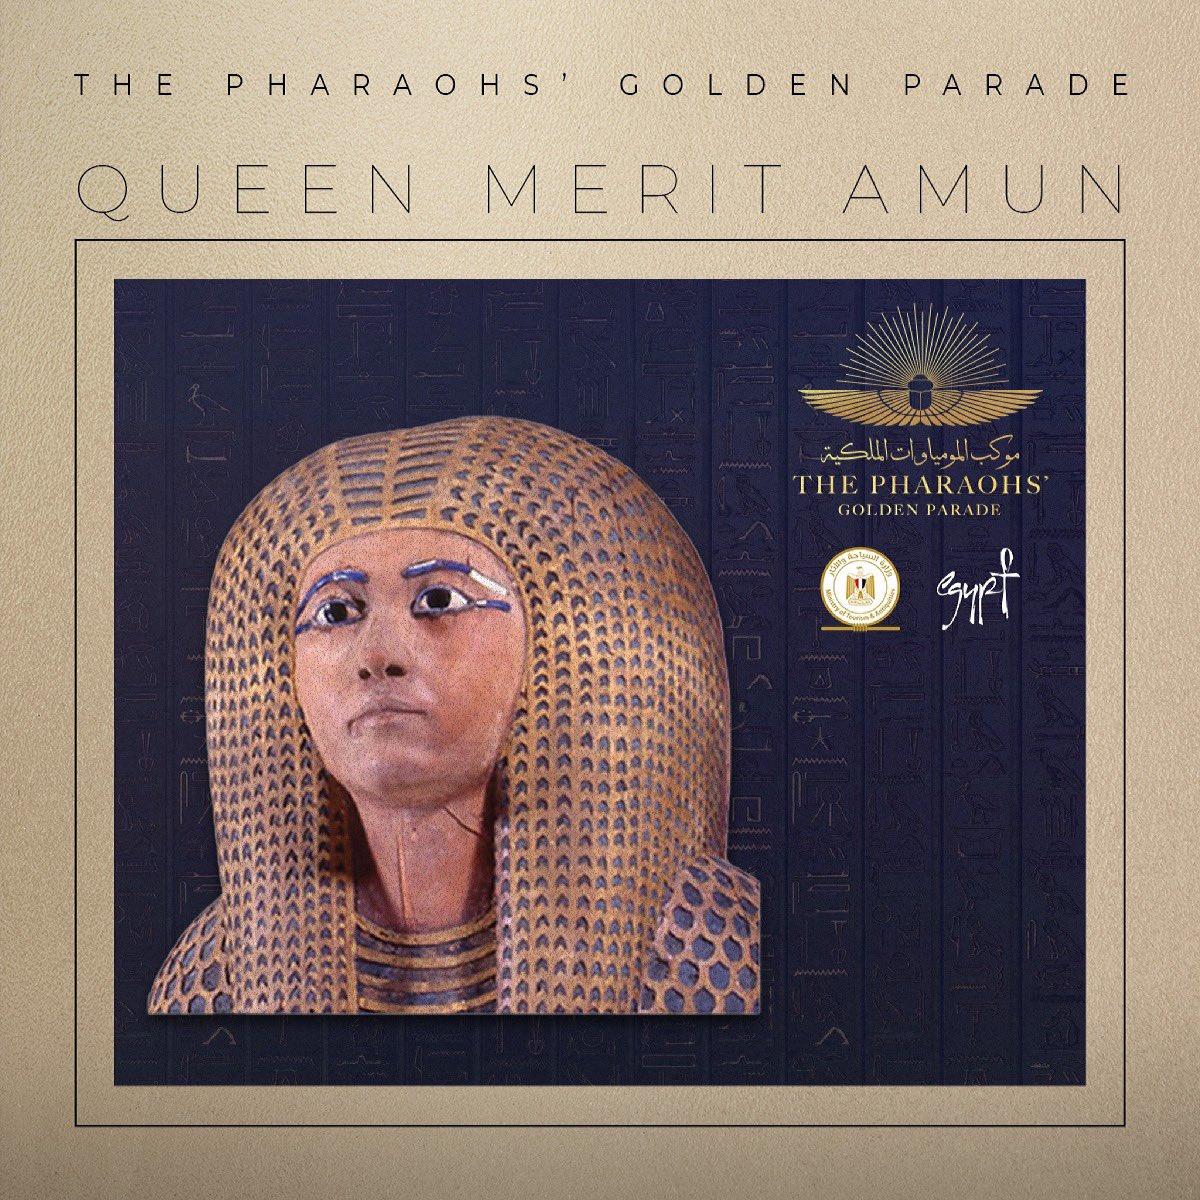 Queen Merit Amun